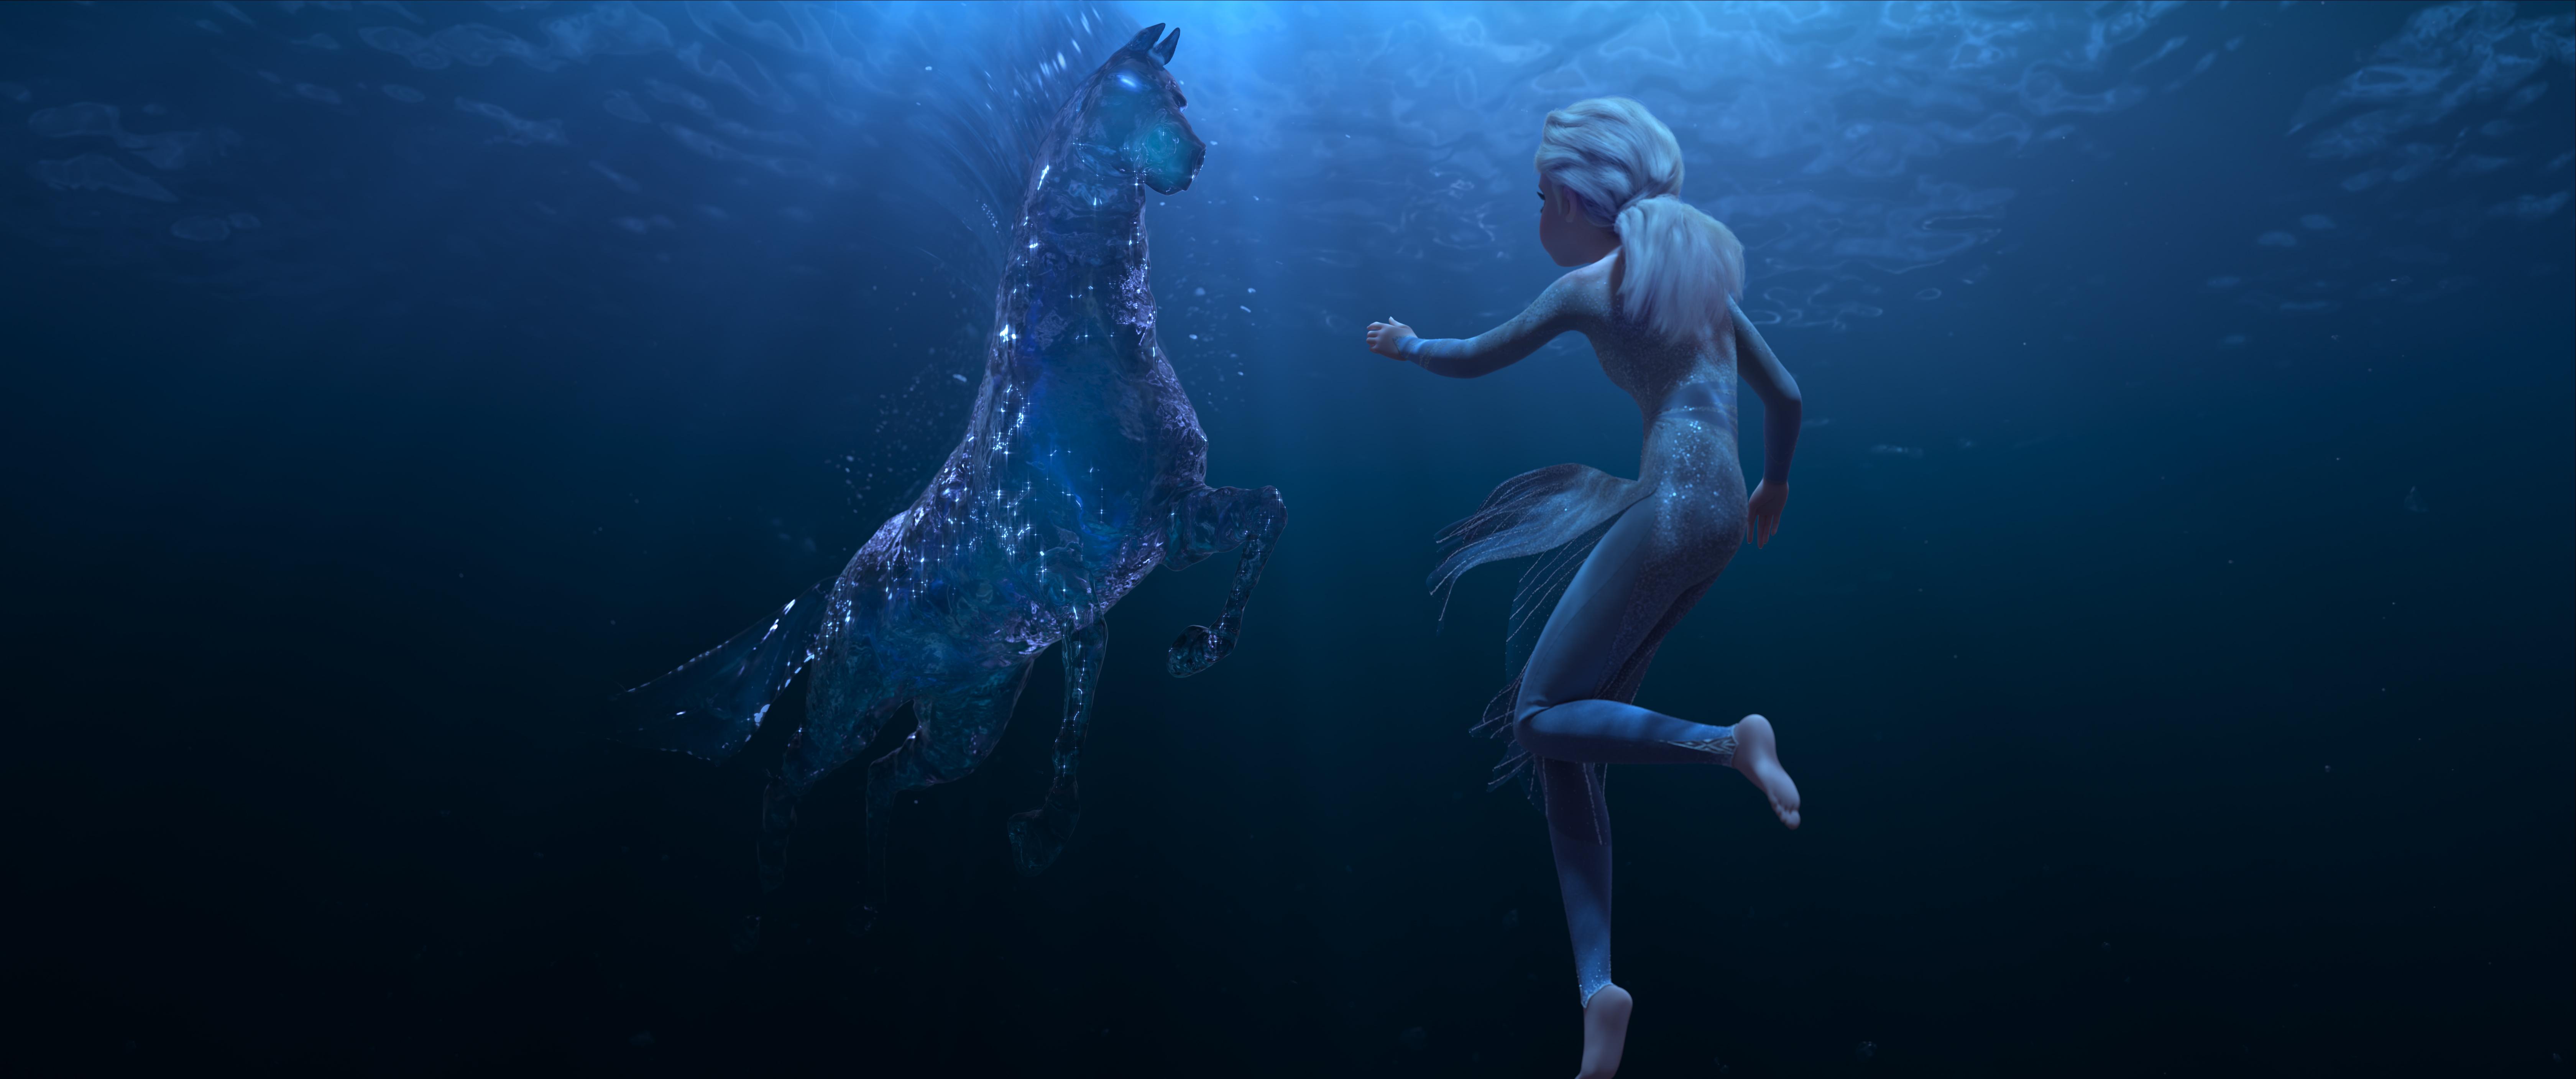 Frozen 2 trailer released June 11 Elsa underwater